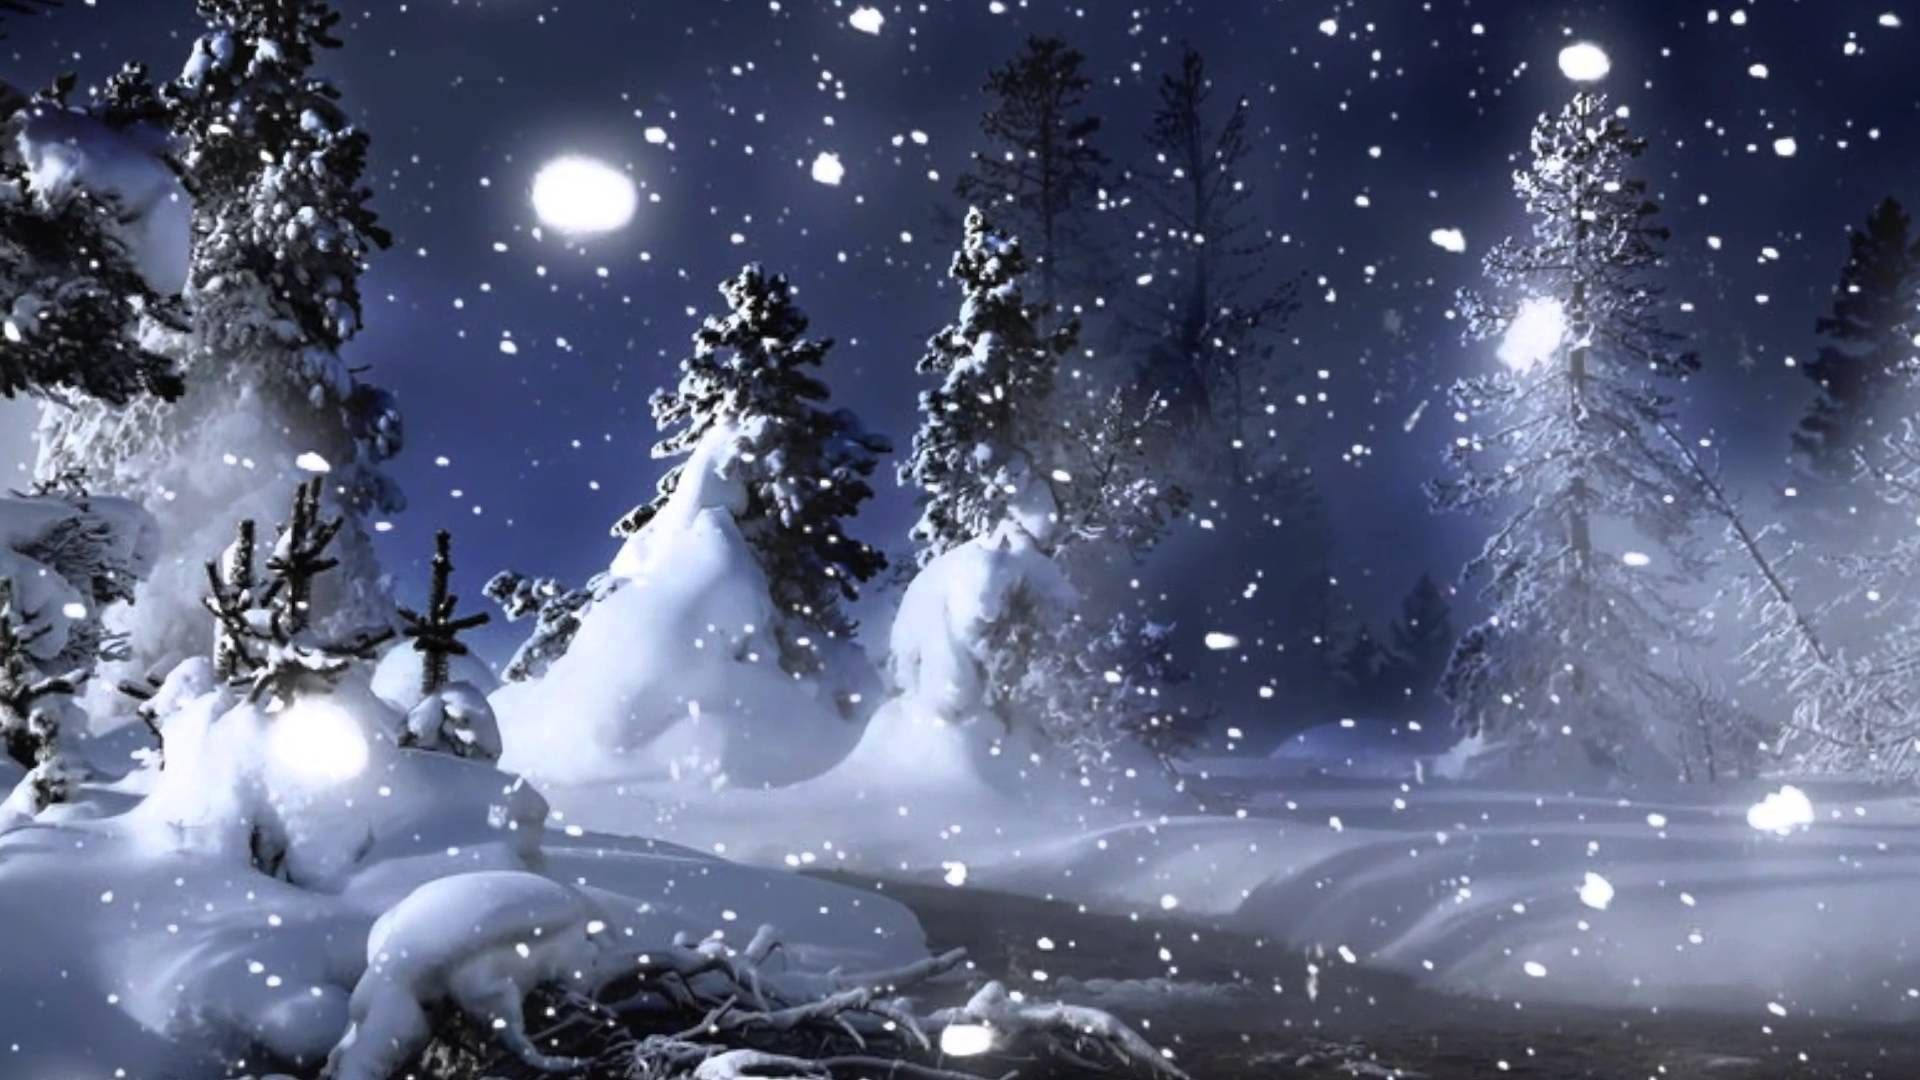 Открытка с падающим снегом и текстом, стоят